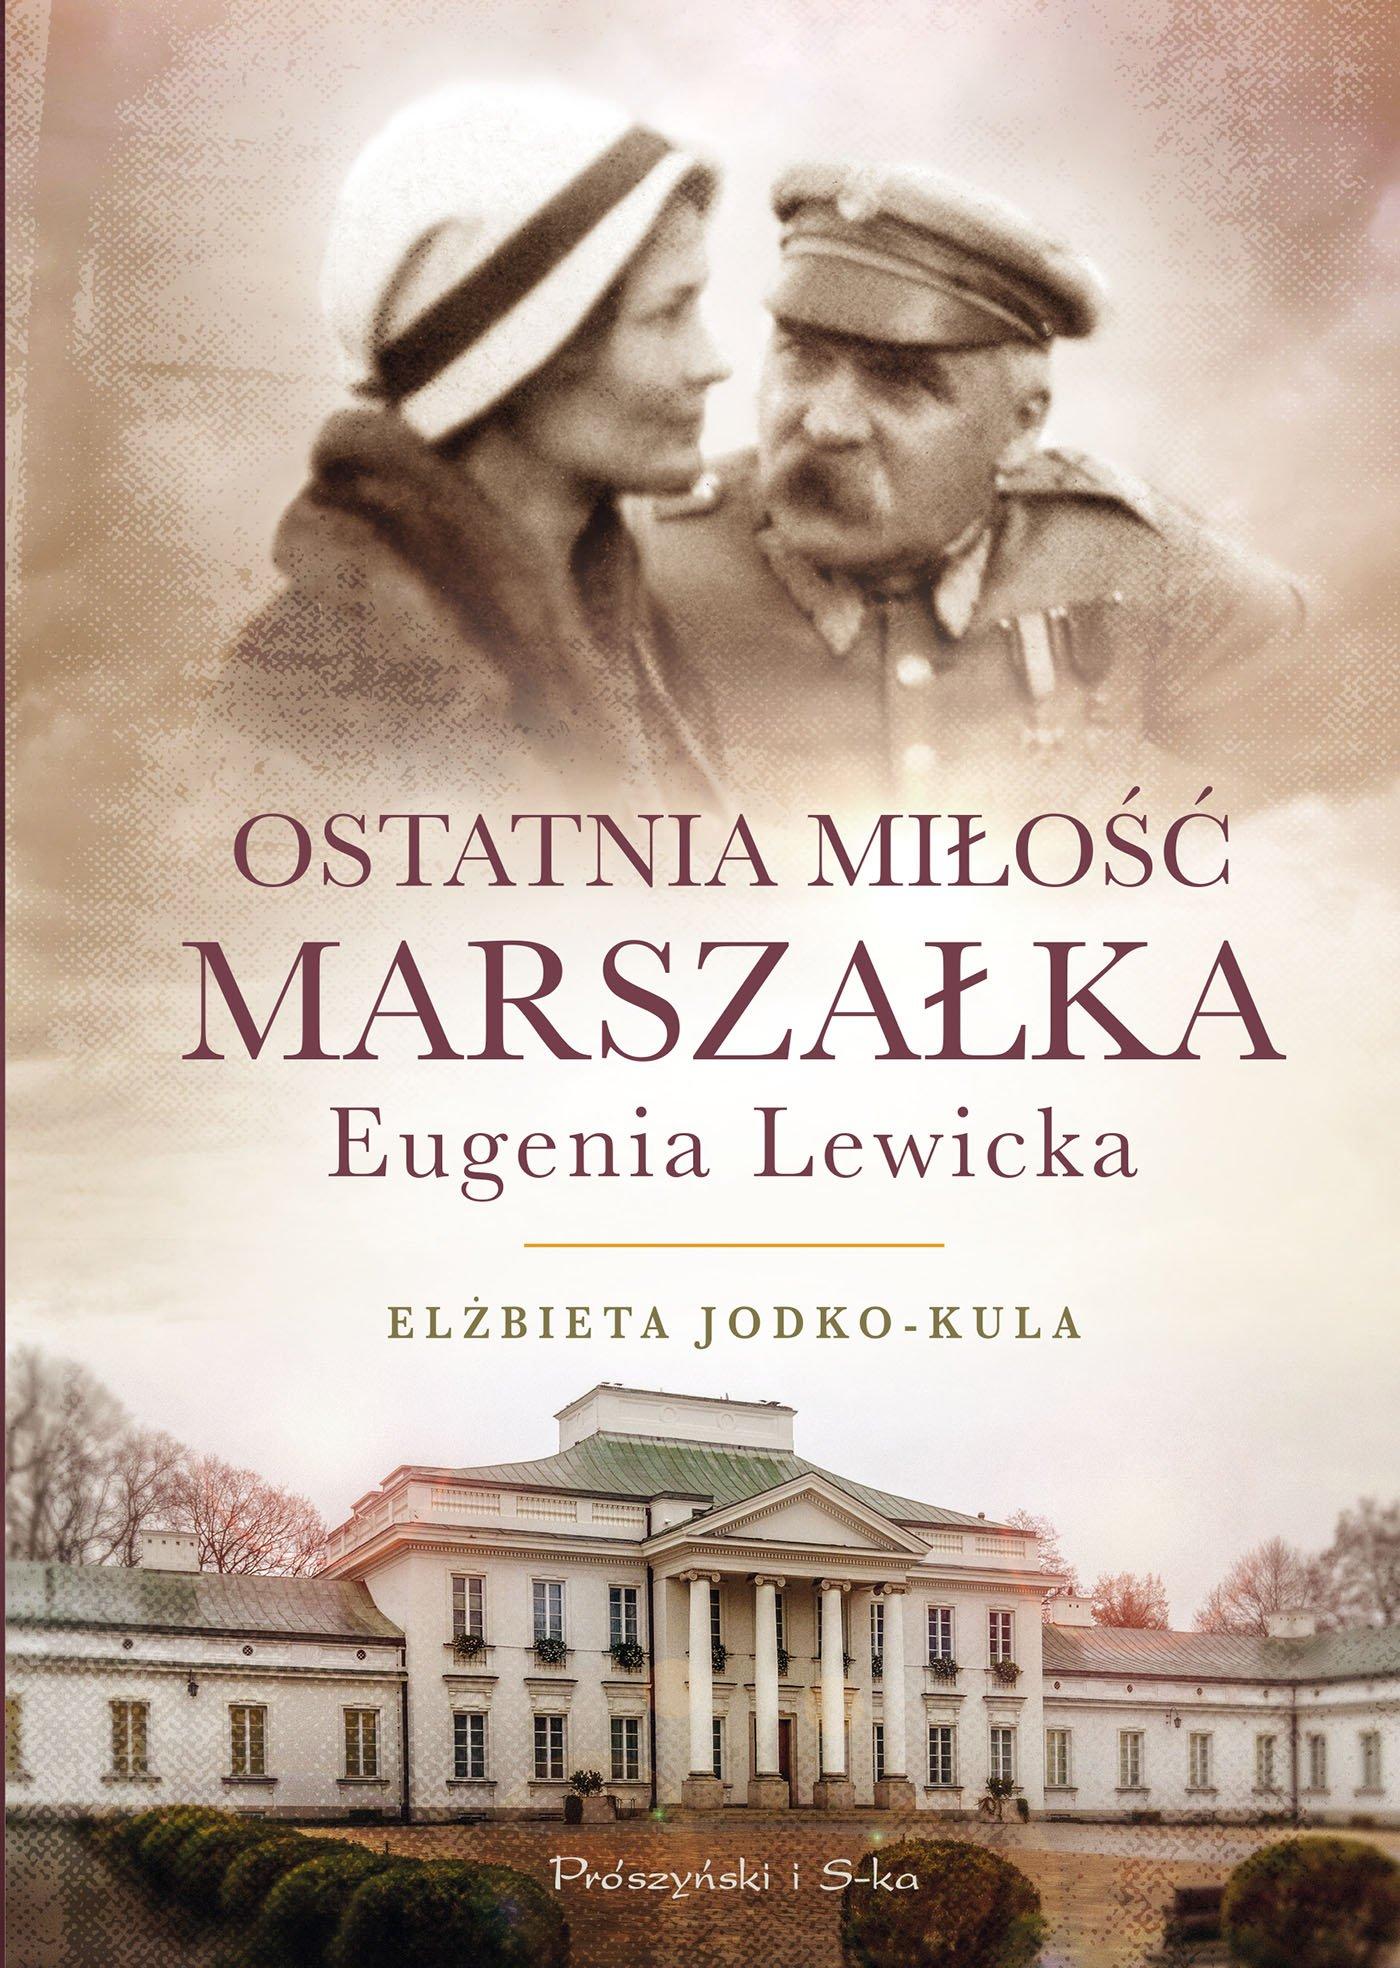 Ostatnia miłość Marszałka. Eugenia Lewicka - Ebook (Książka na Kindle) do pobrania w formacie MOBI